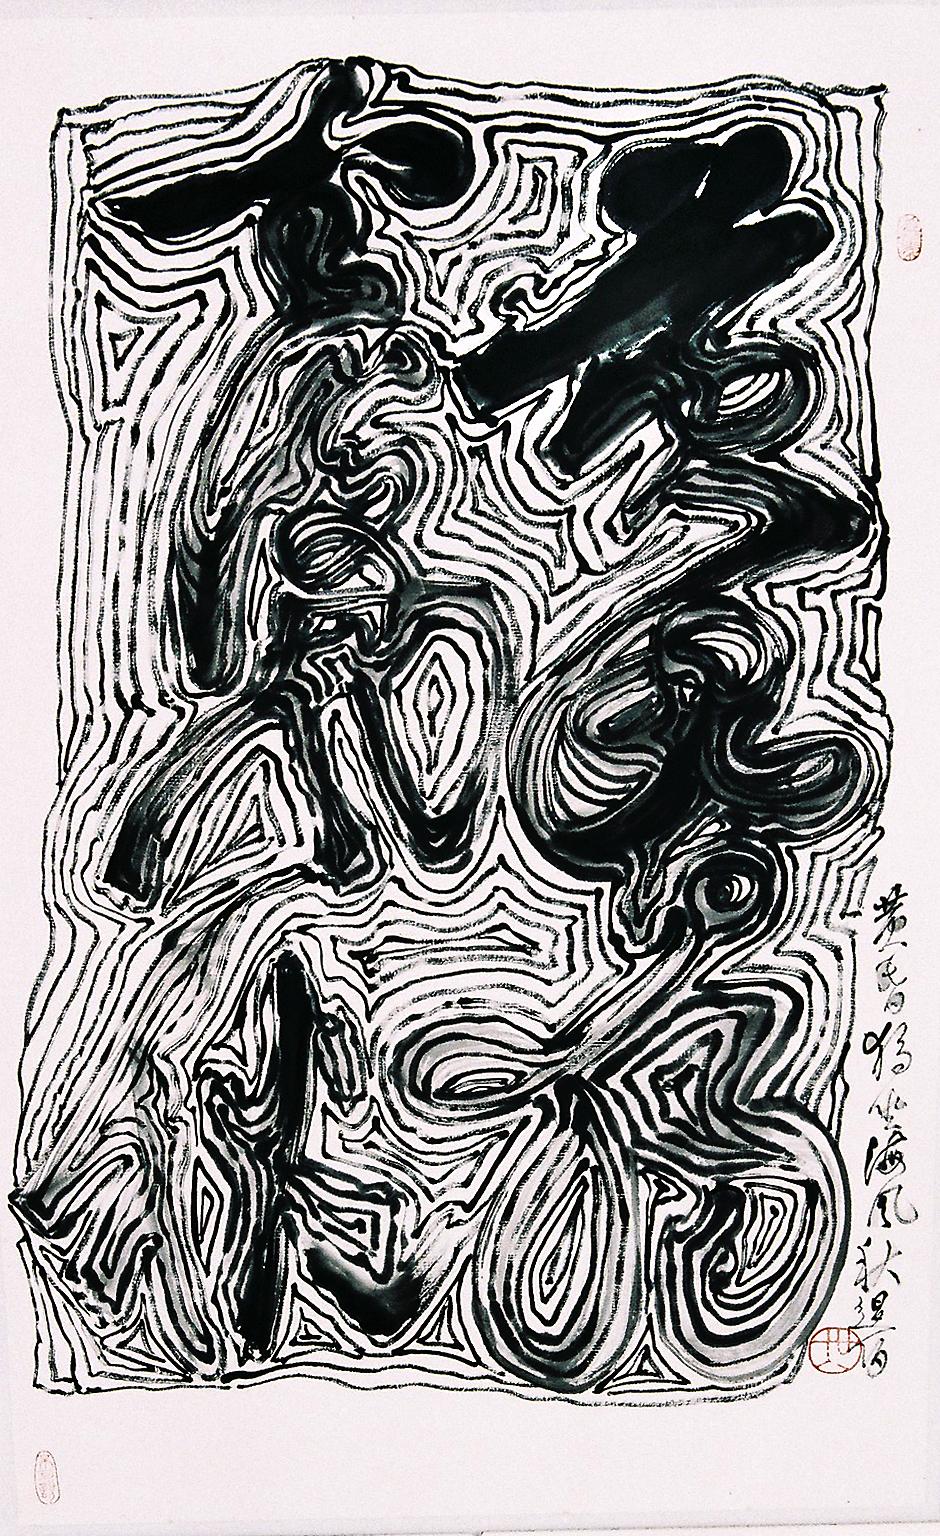 黃昏獨坐海風秋  94x59 cm  2004  水墨紙本